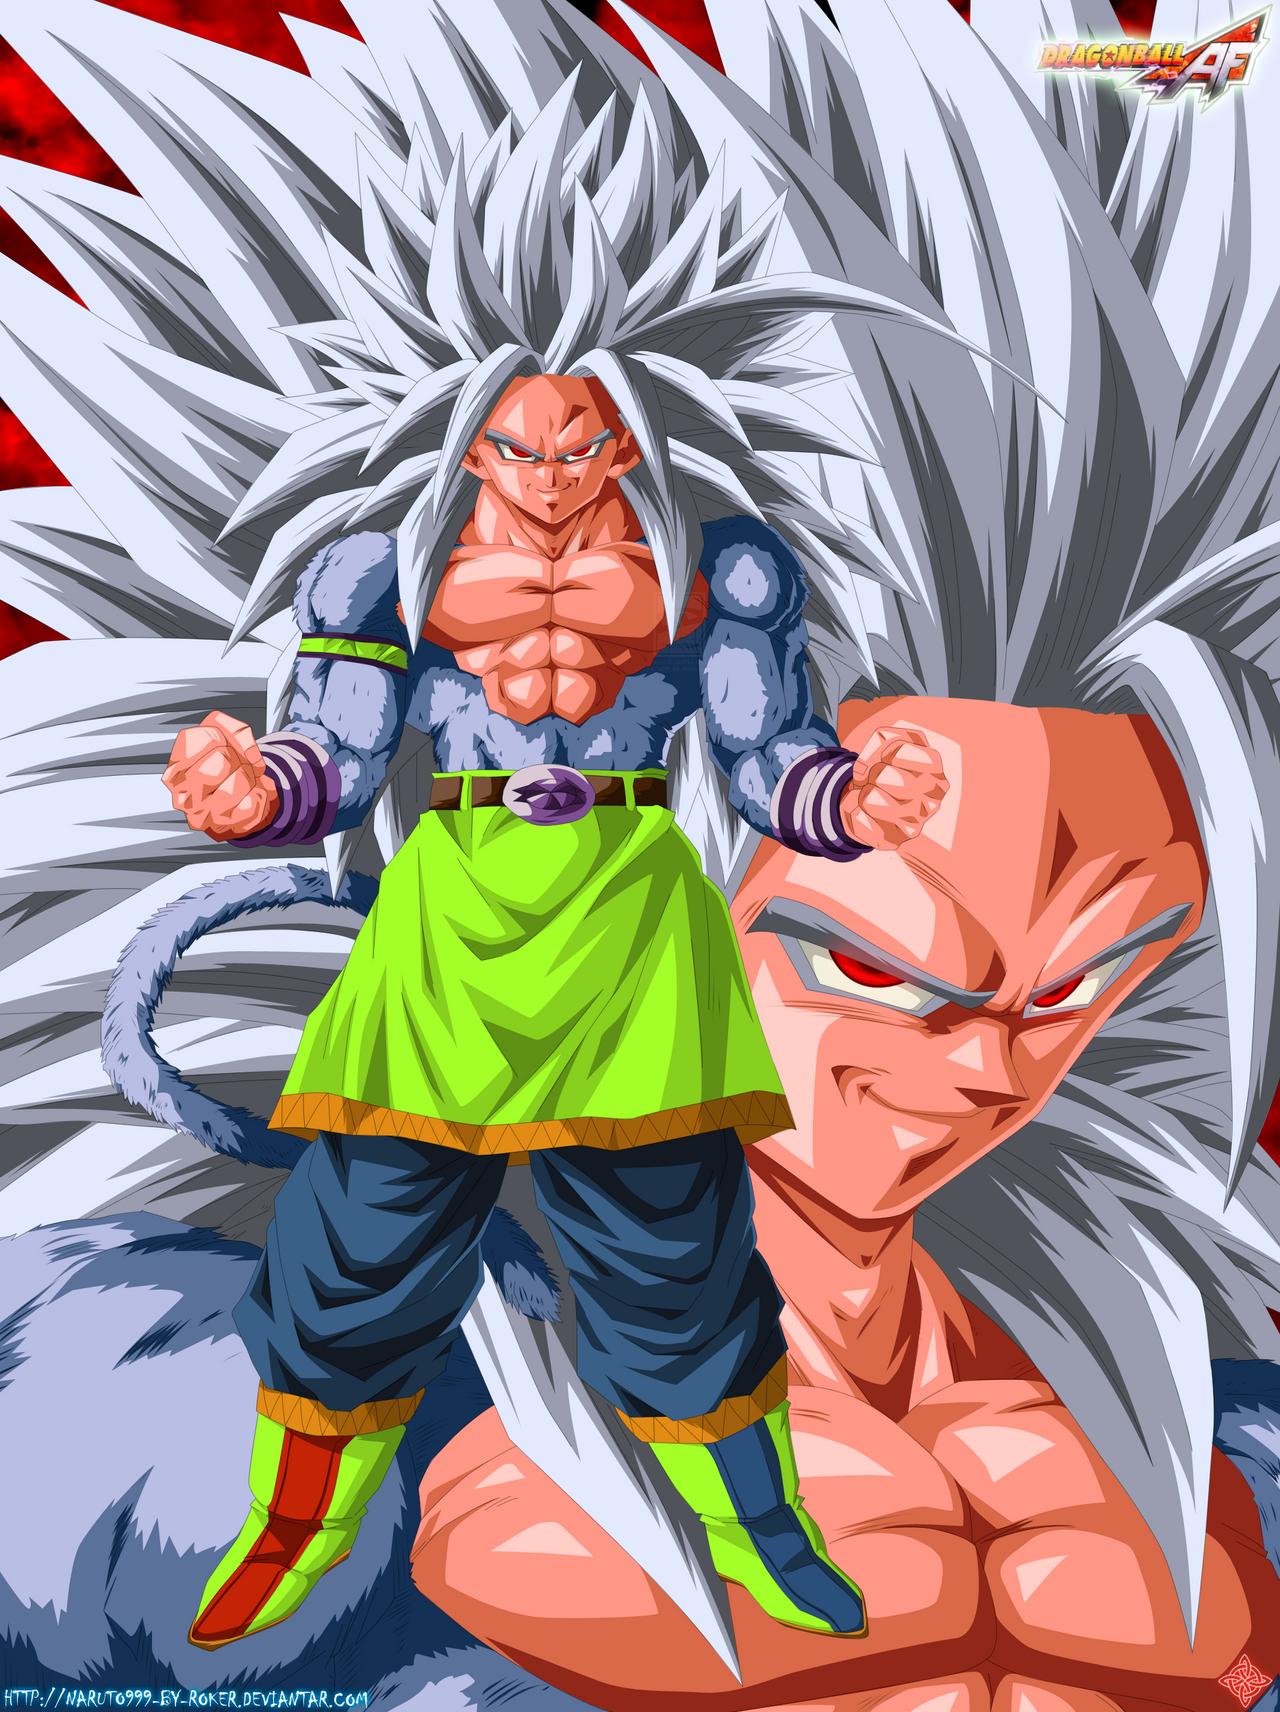 Goku Ssj5 by NARUTO999-BY-ROKER